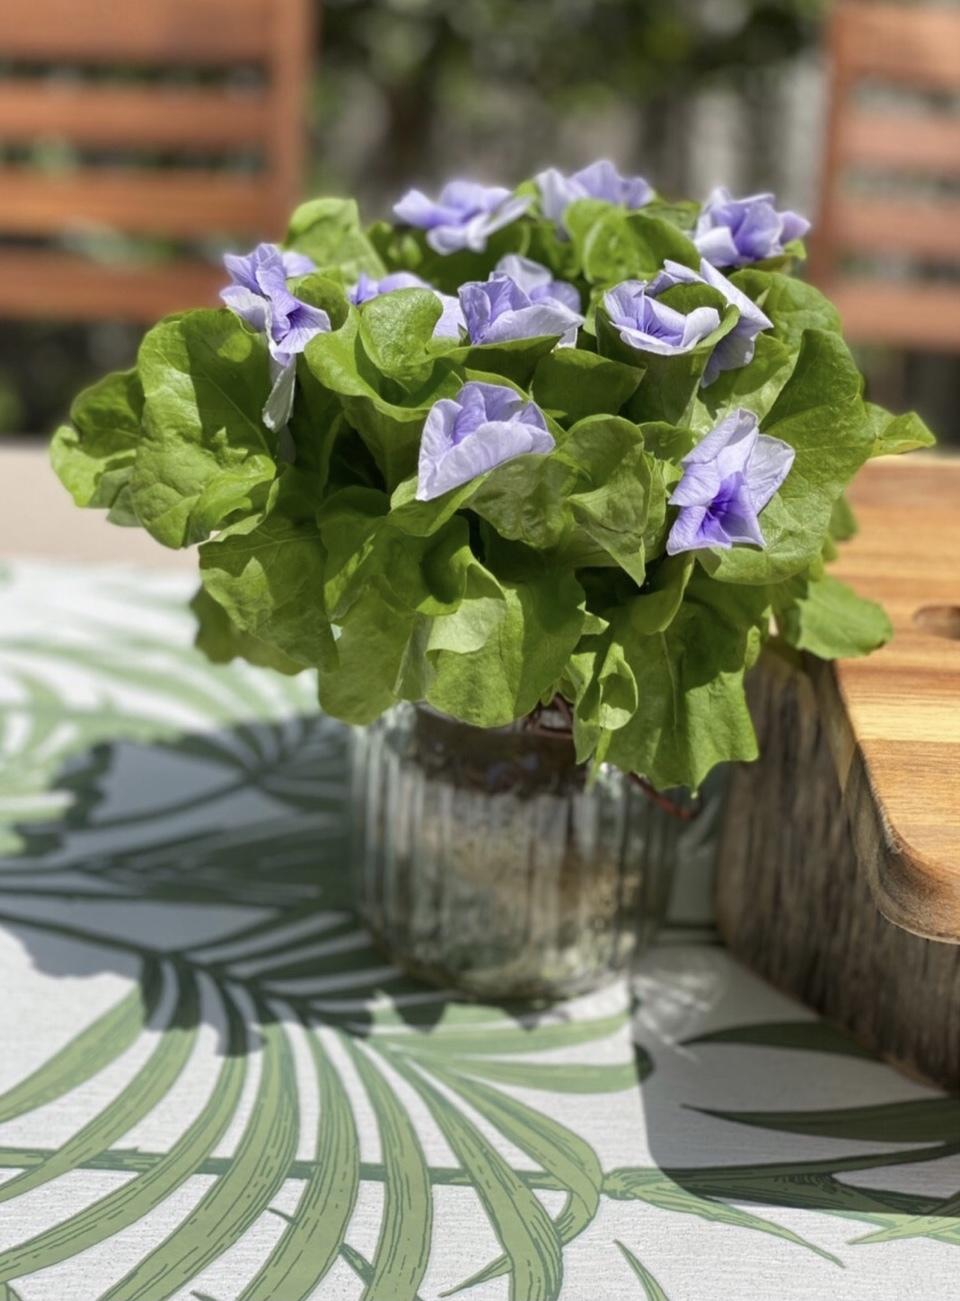 きれい色パフスリーブで石窯ガーデンランチ♪_1_2-8